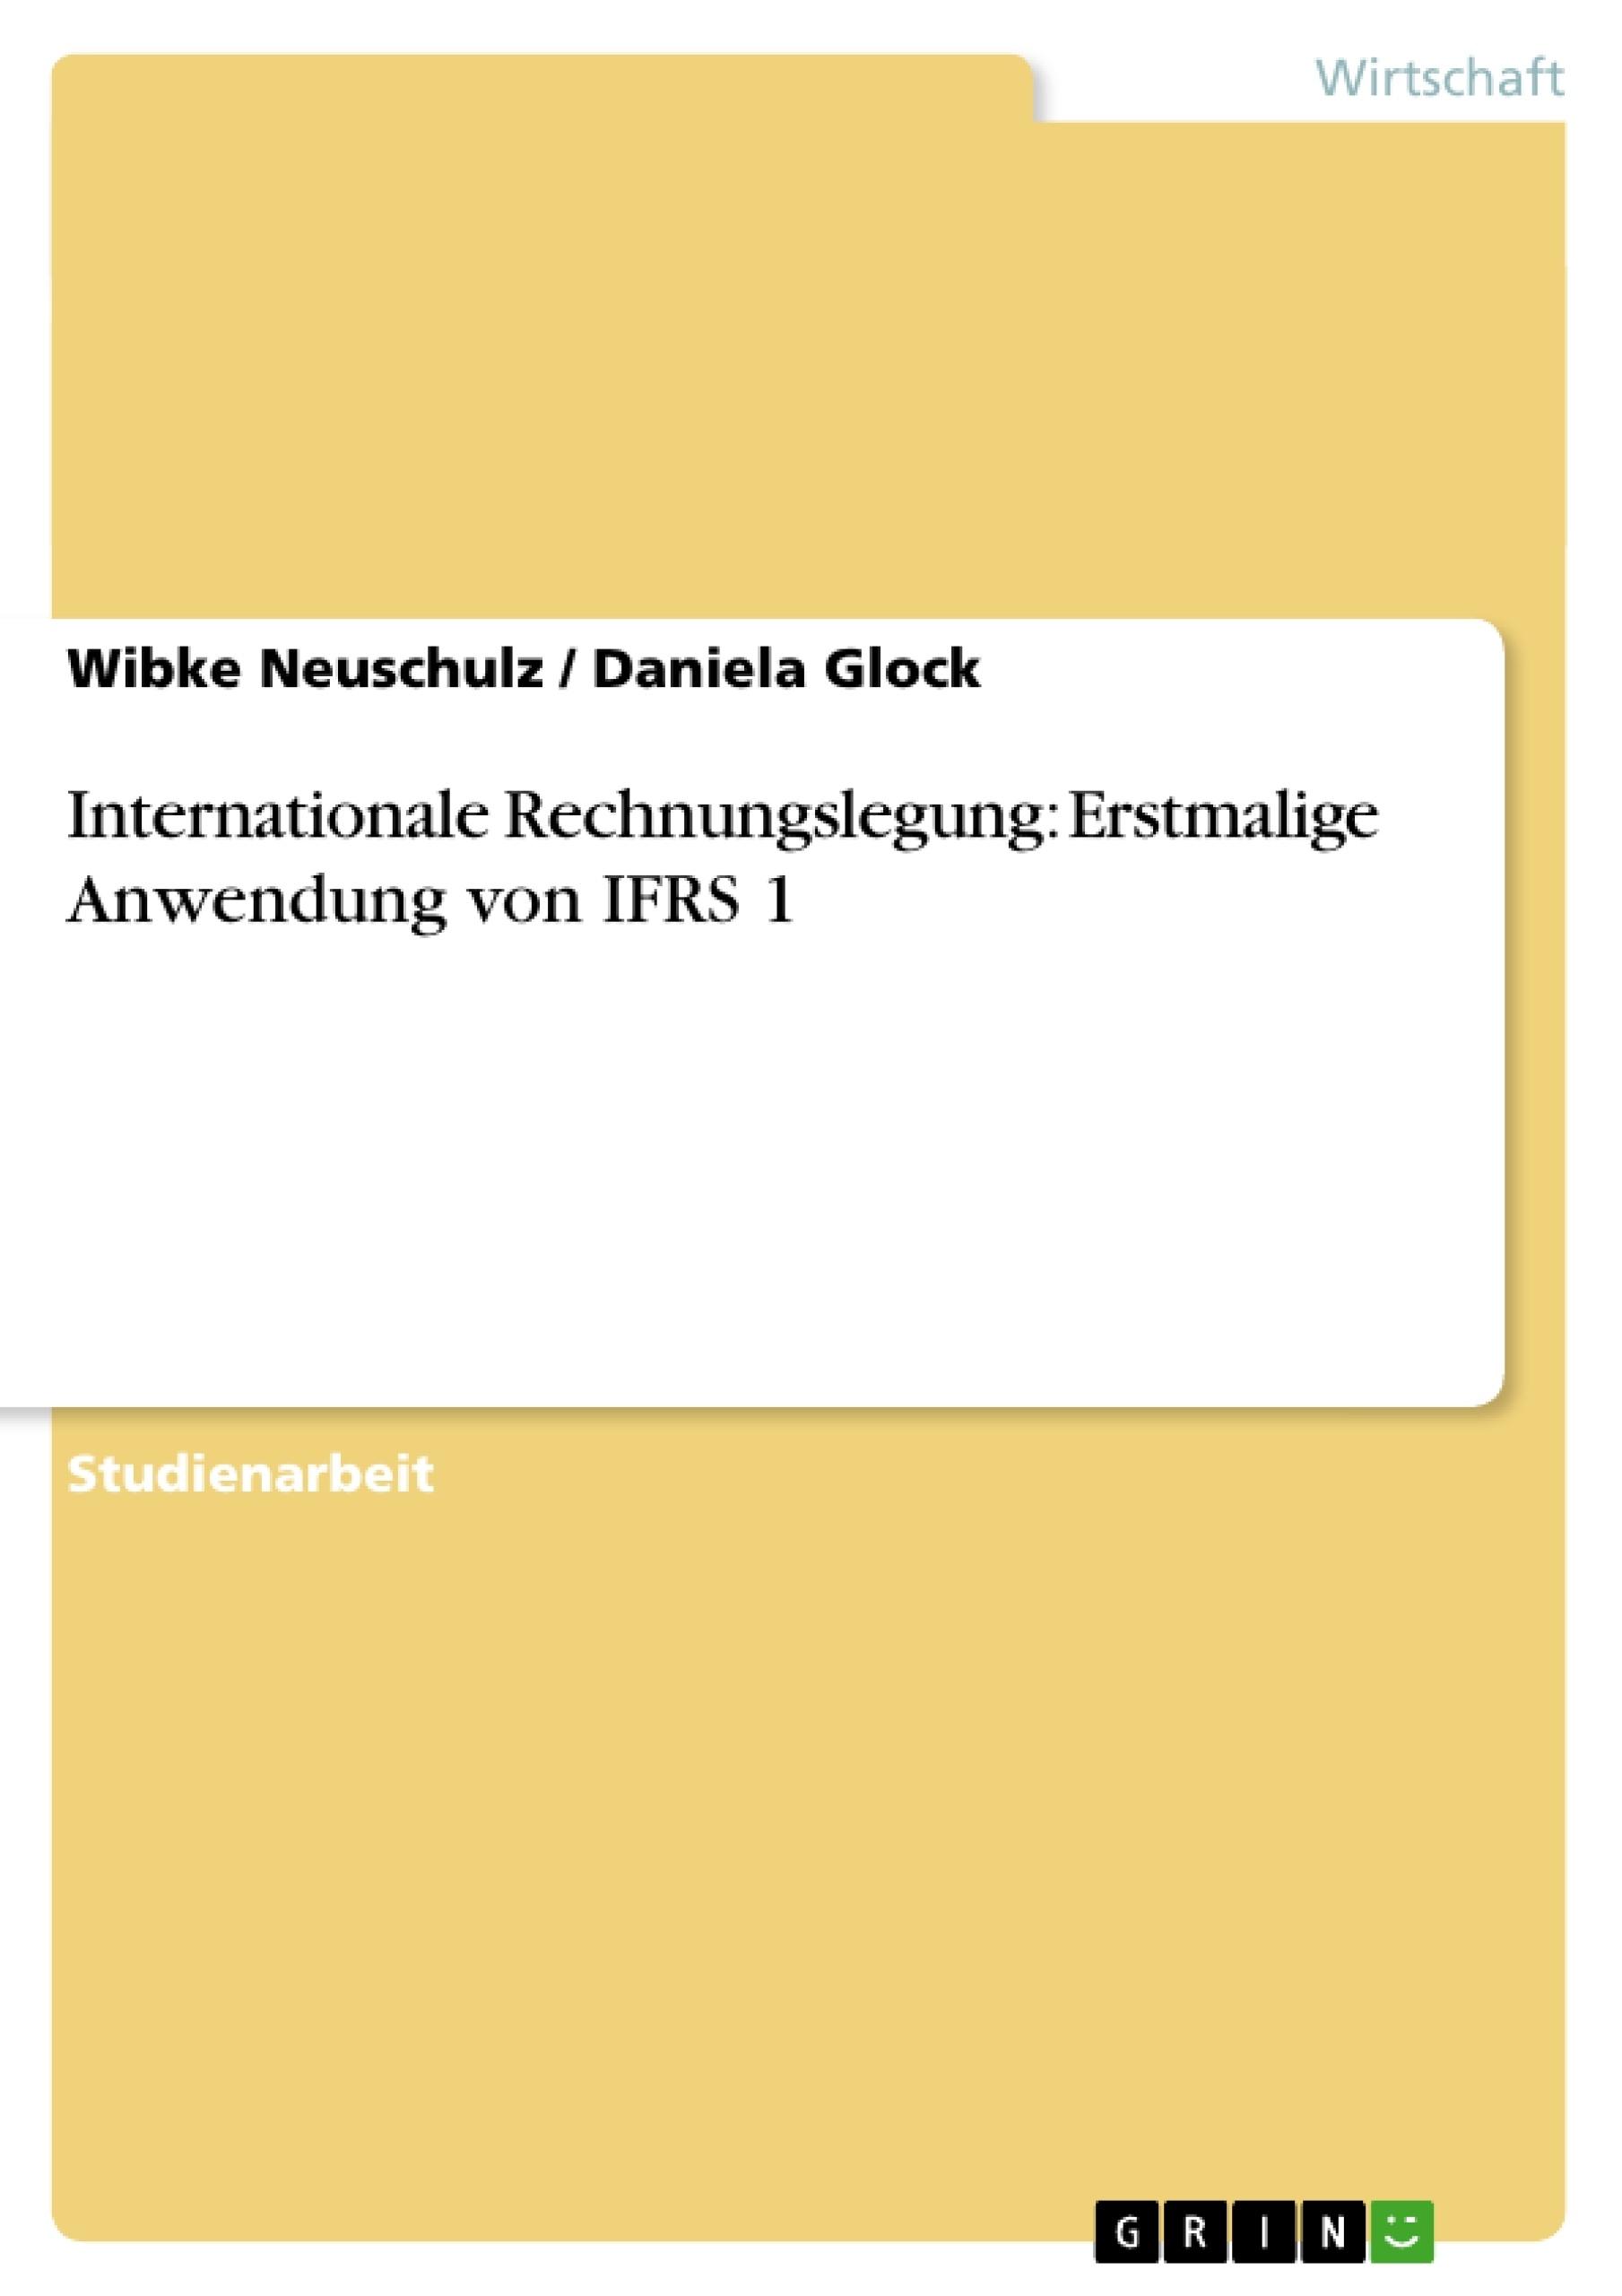 Titel: Internationale Rechnungslegung: Erstmalige Anwendung von IFRS 1